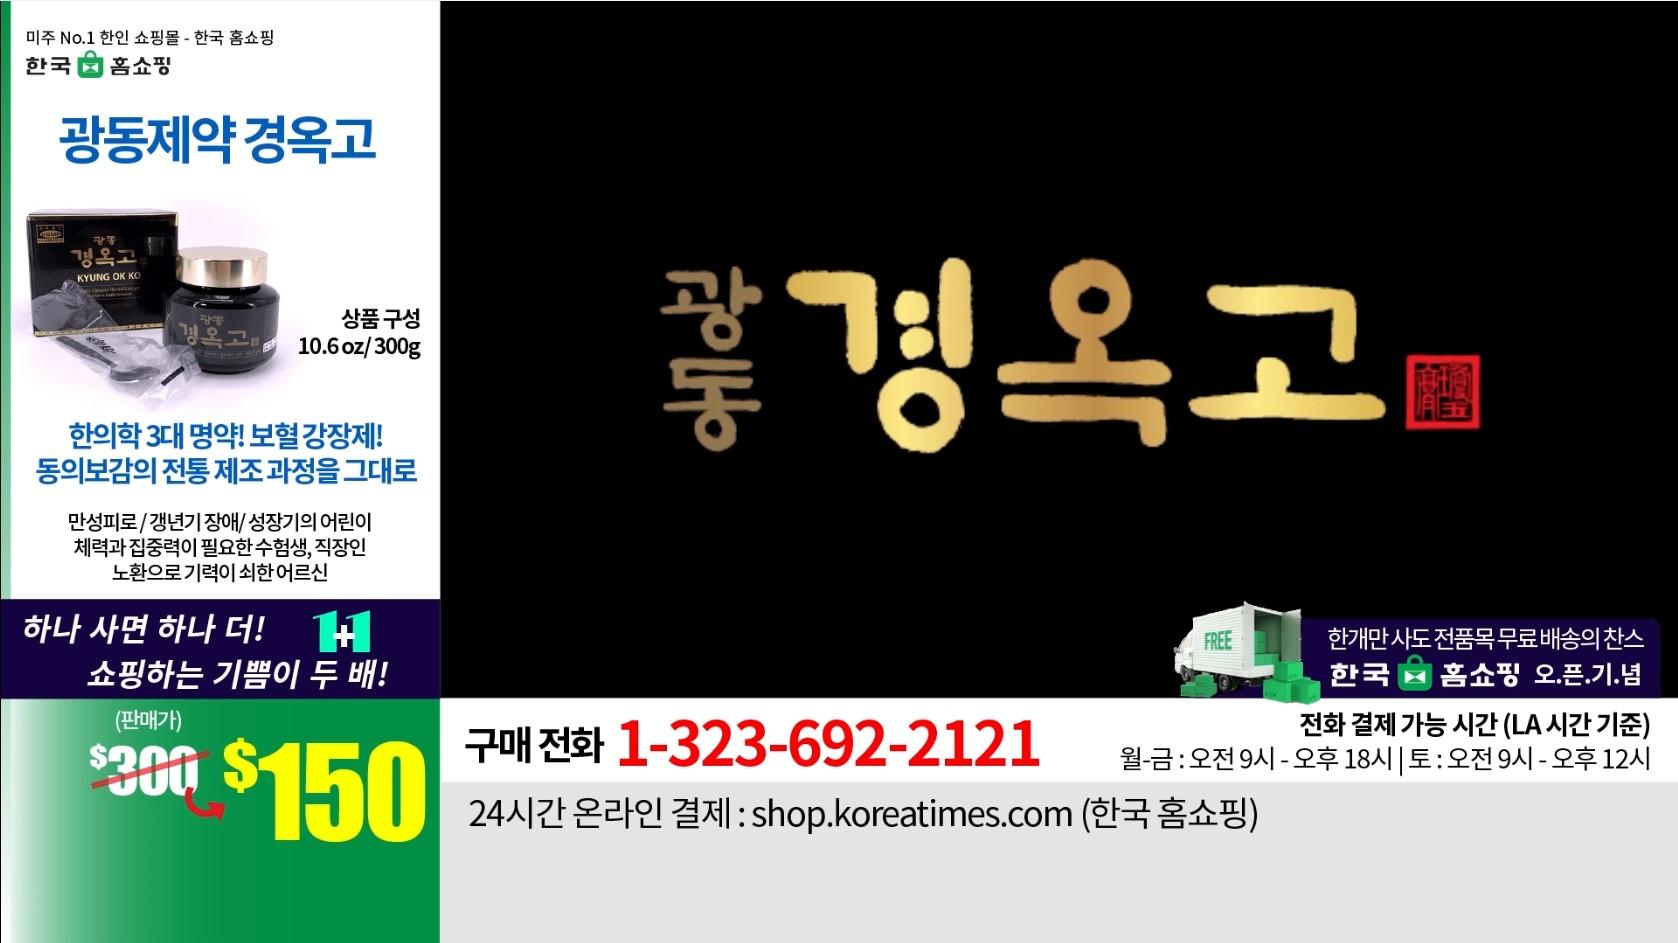 한국홈쇼핑 광동제약 경옥고